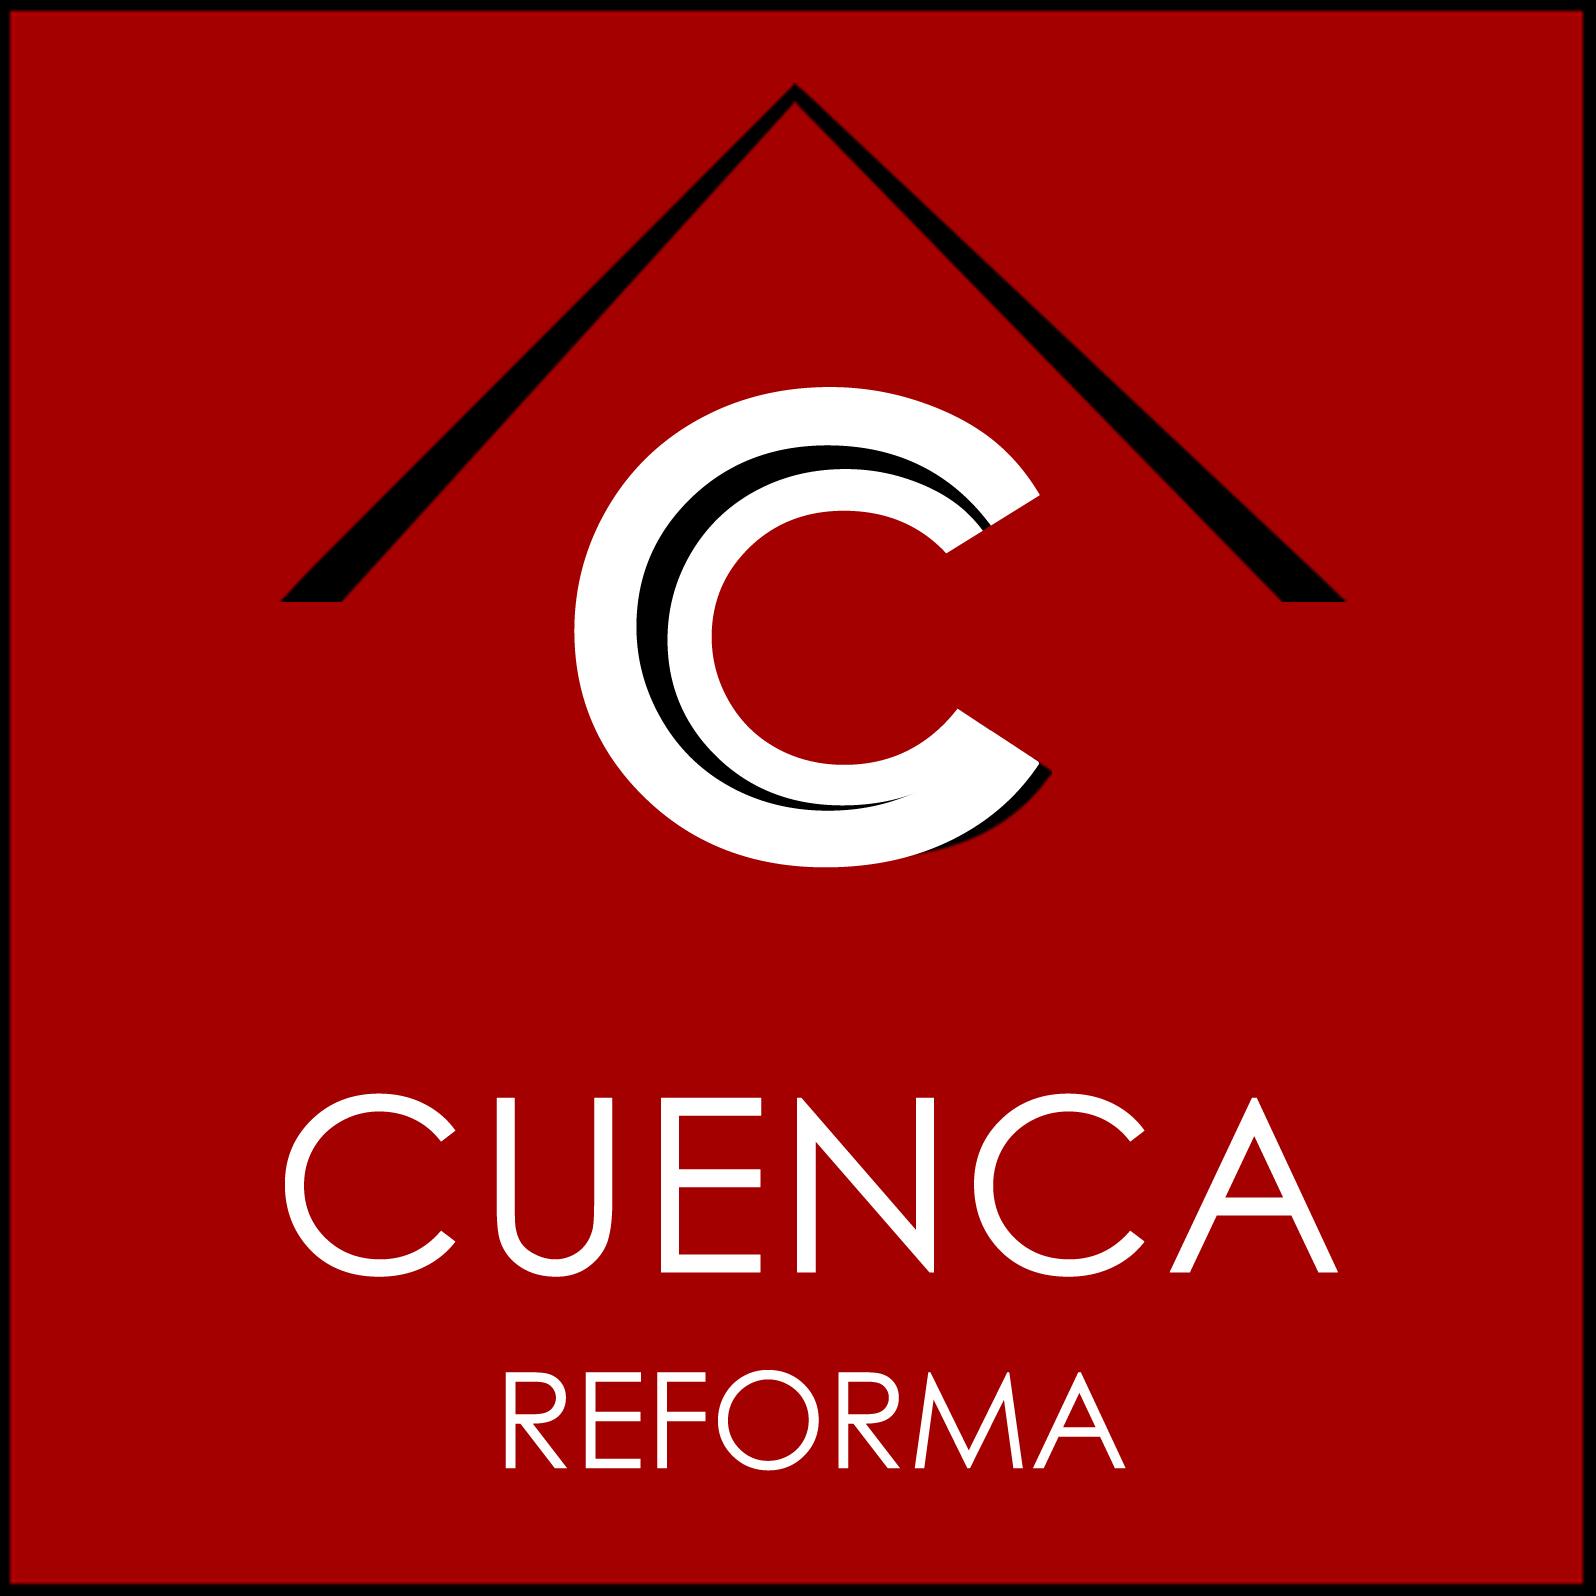 Logo reformas Cuenca